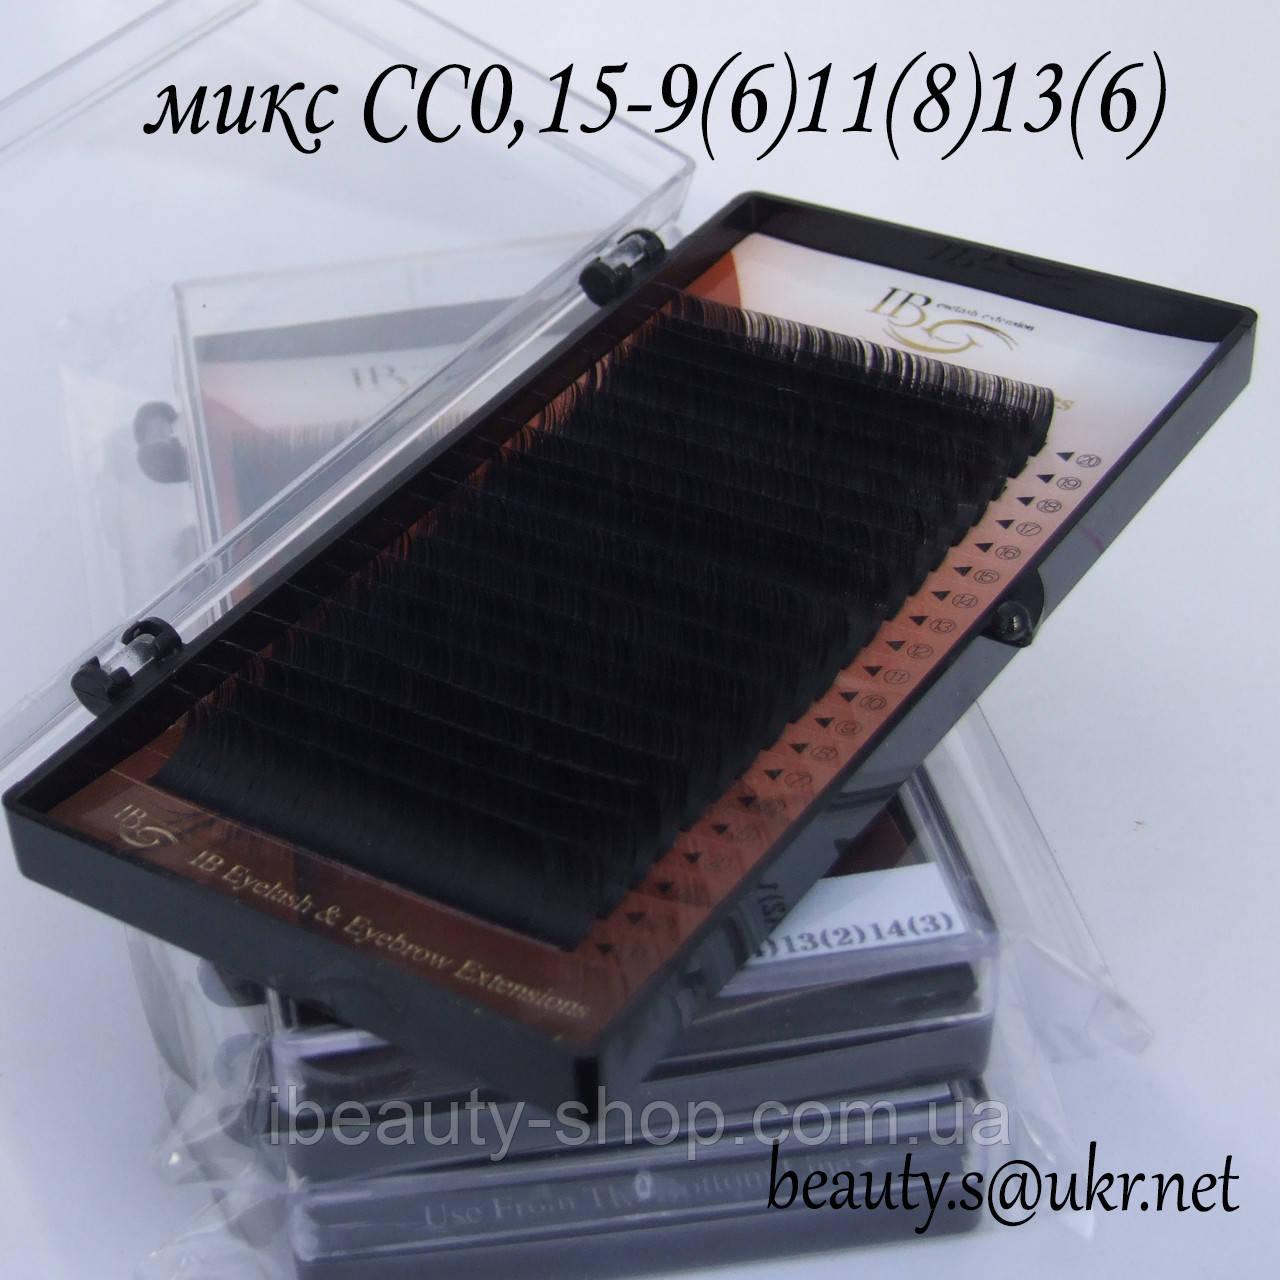 Ресницы I-Beauty микс СС-0,15 9-11-13мм